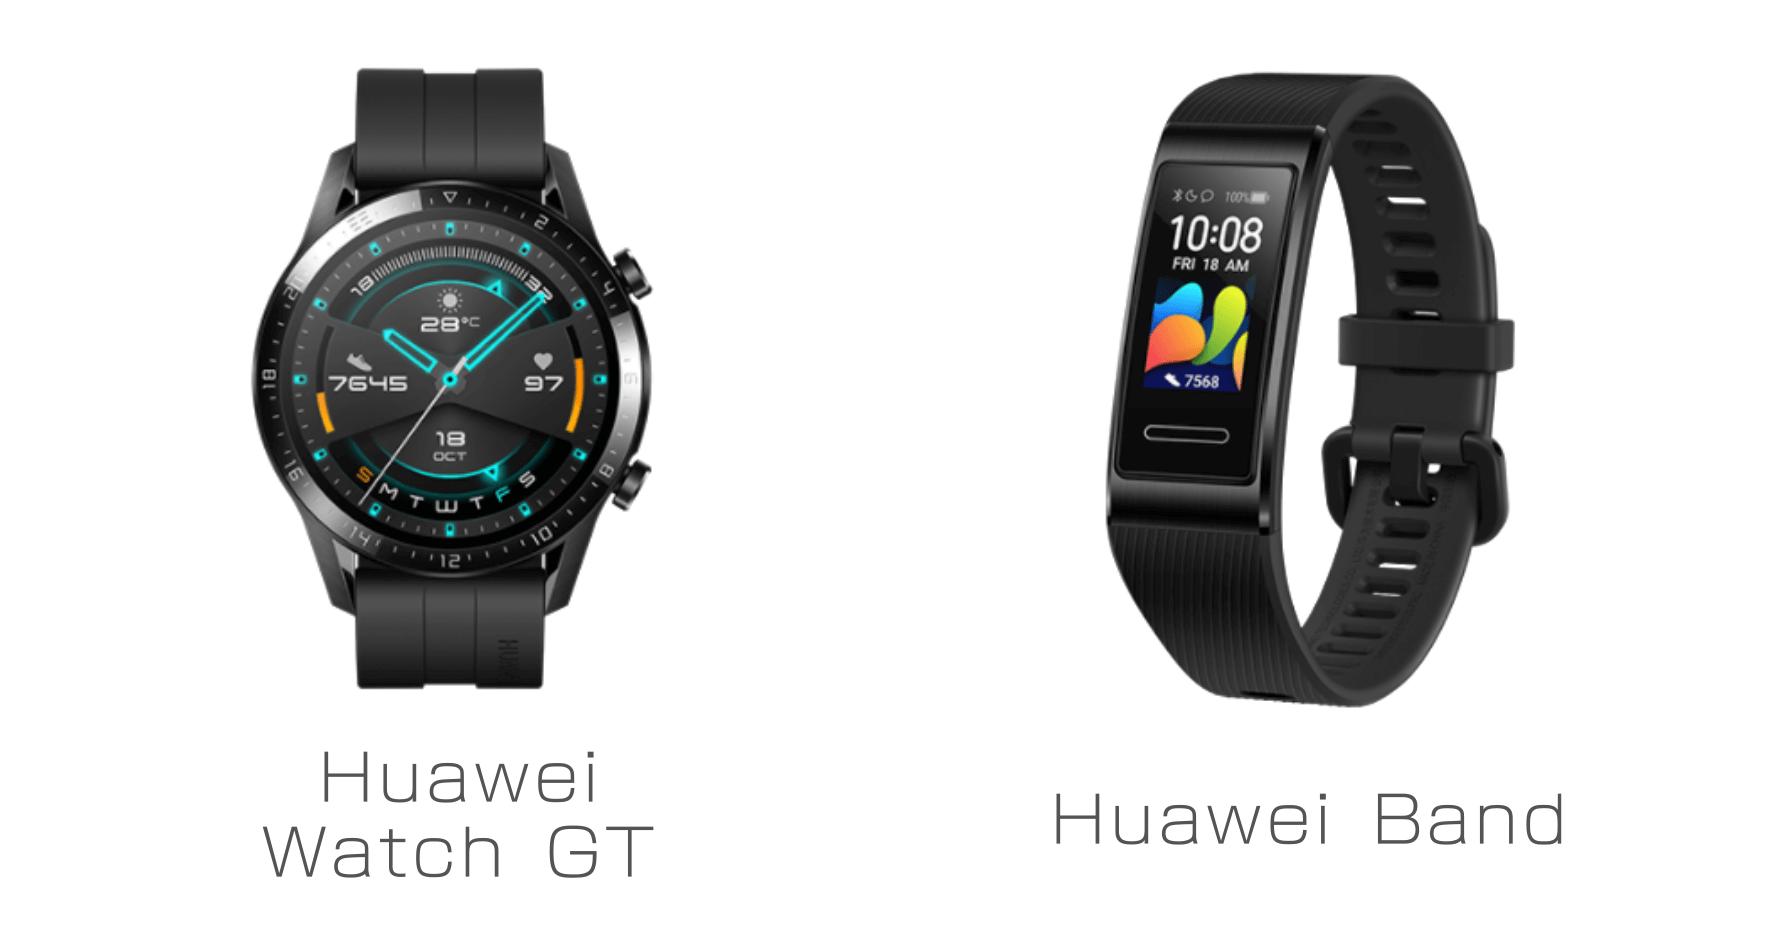 中華スマートウォッチでも人気の高いHUAWEI製品